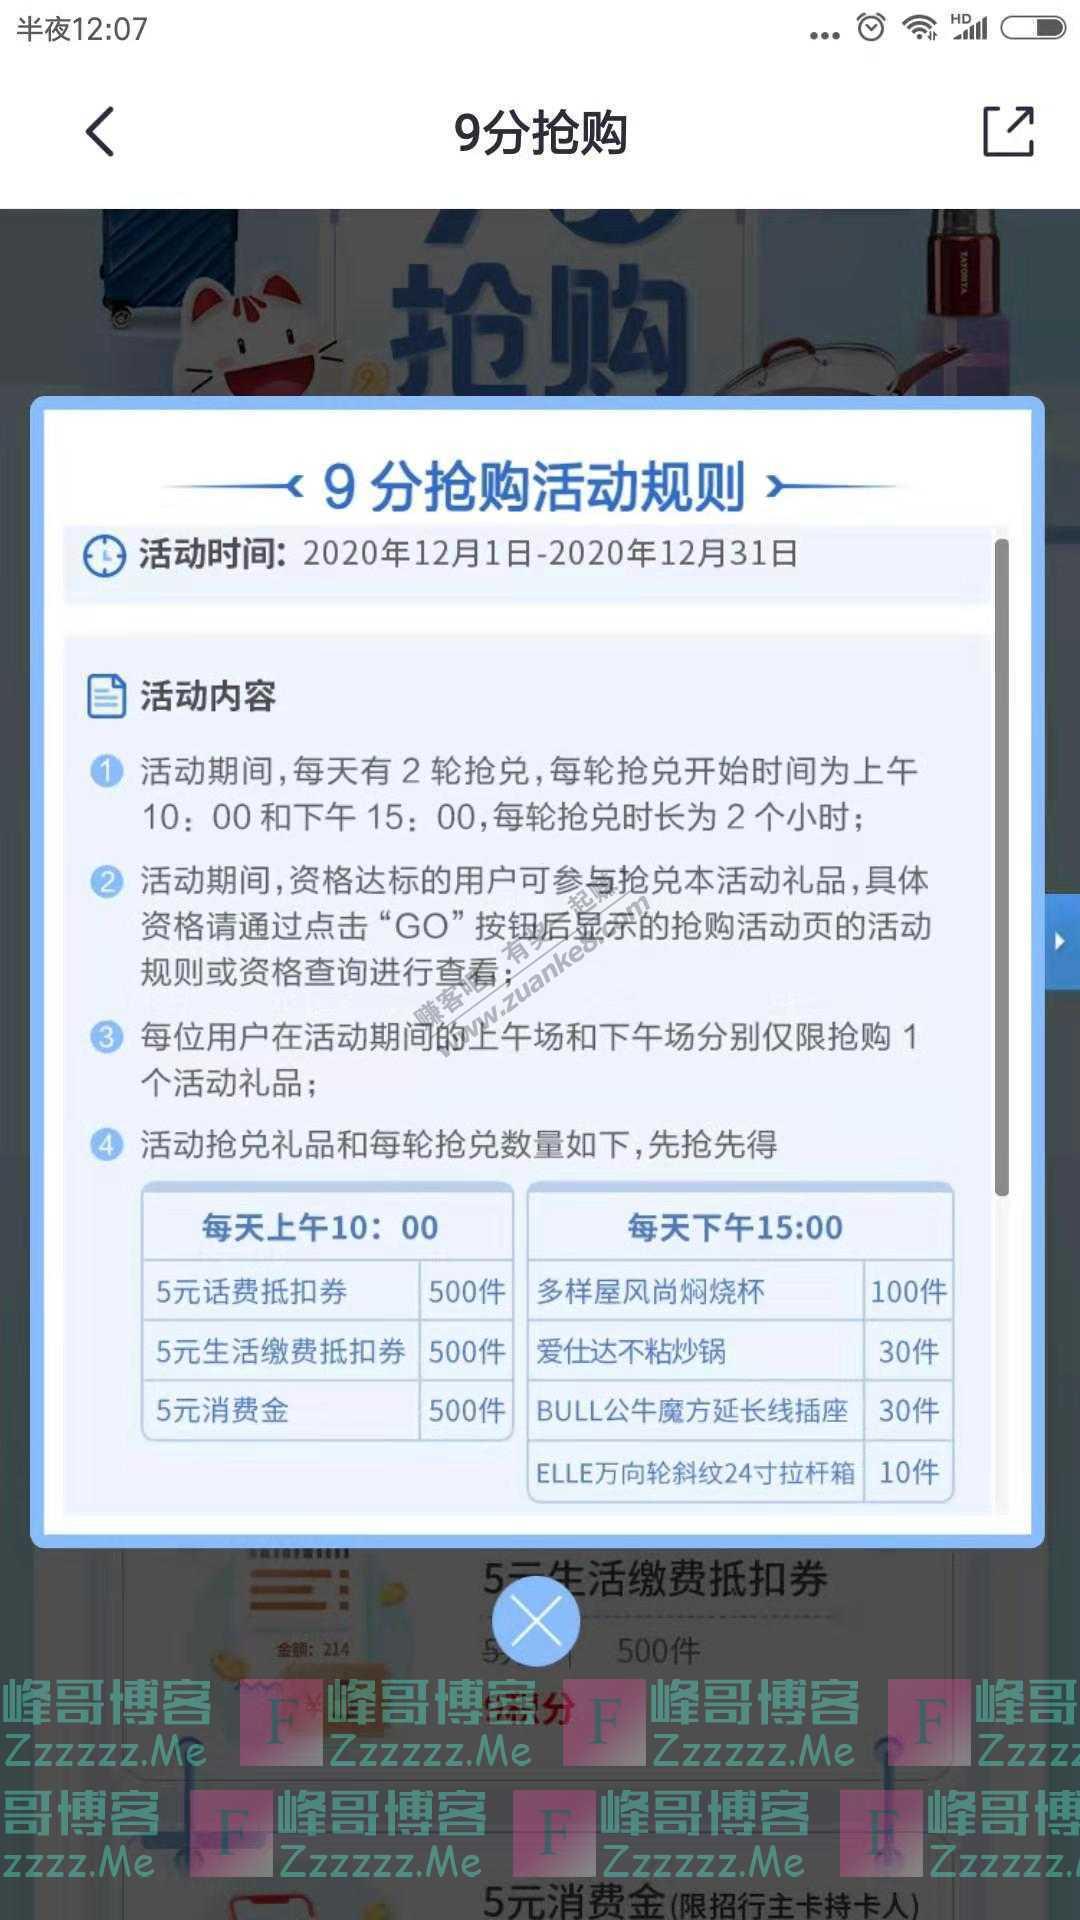 掌上生活app9分抢购(截止12月31日)